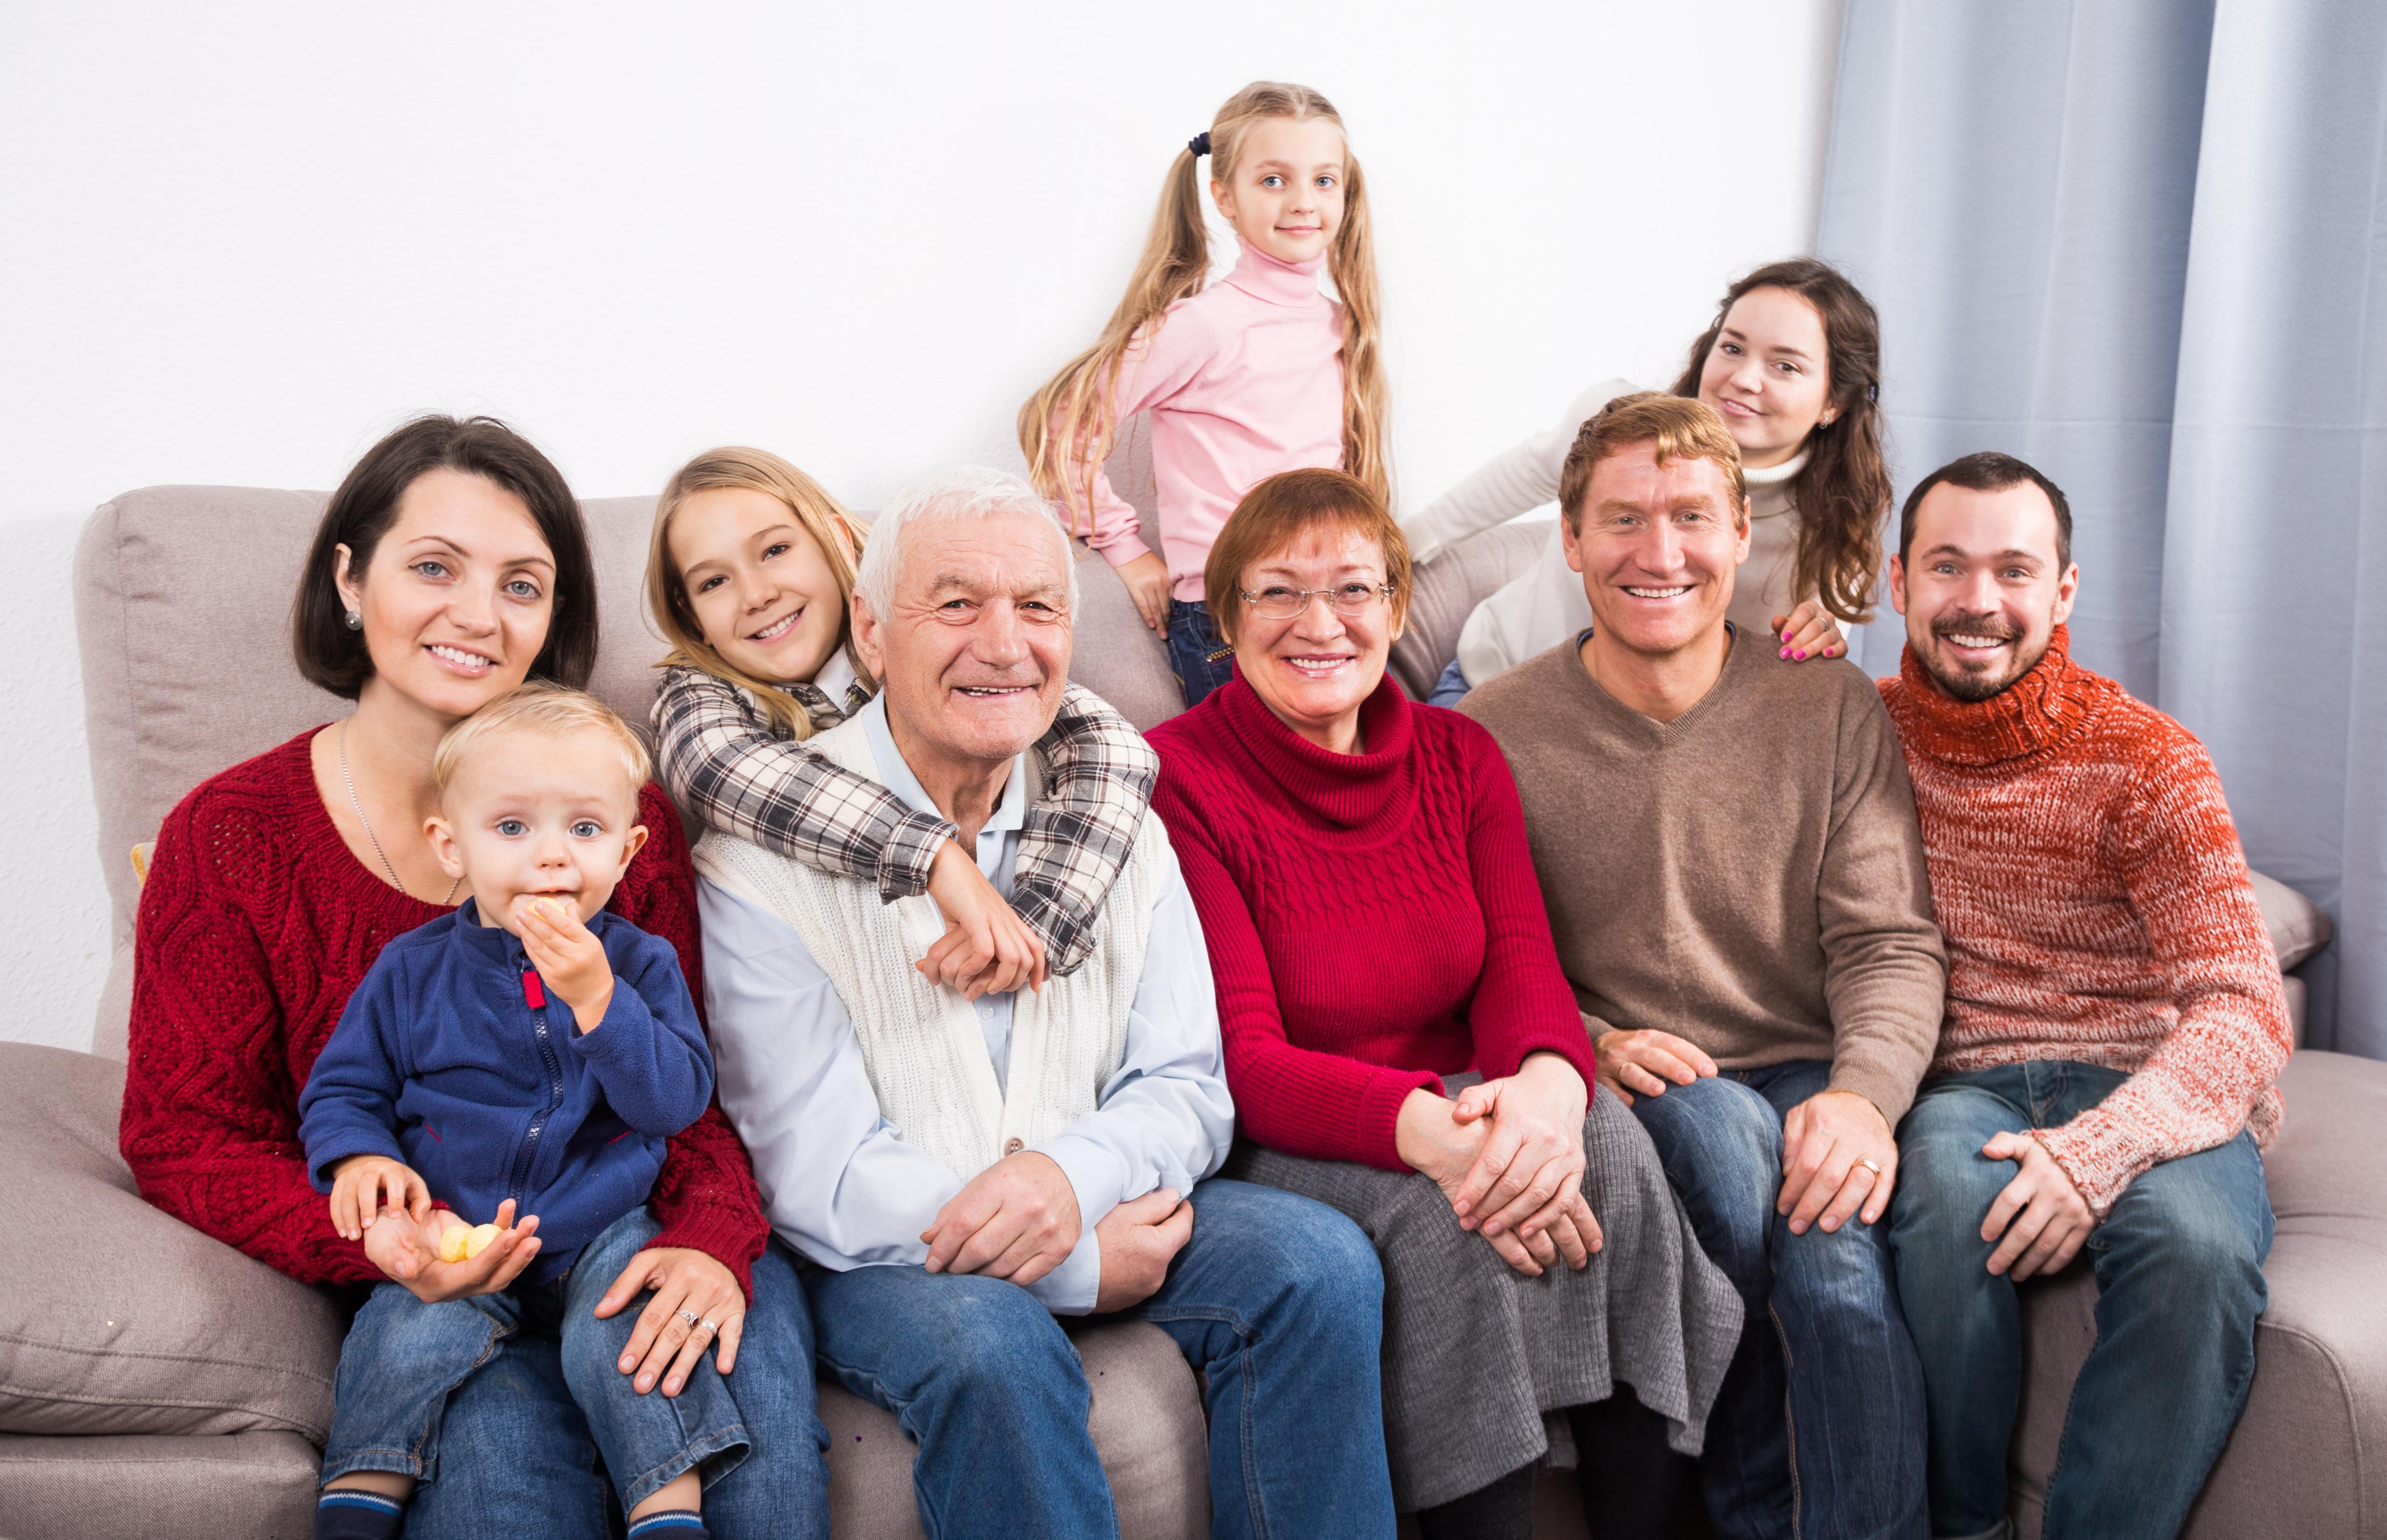 Воссоединение семьи как способ получить ВНЖ в Европе